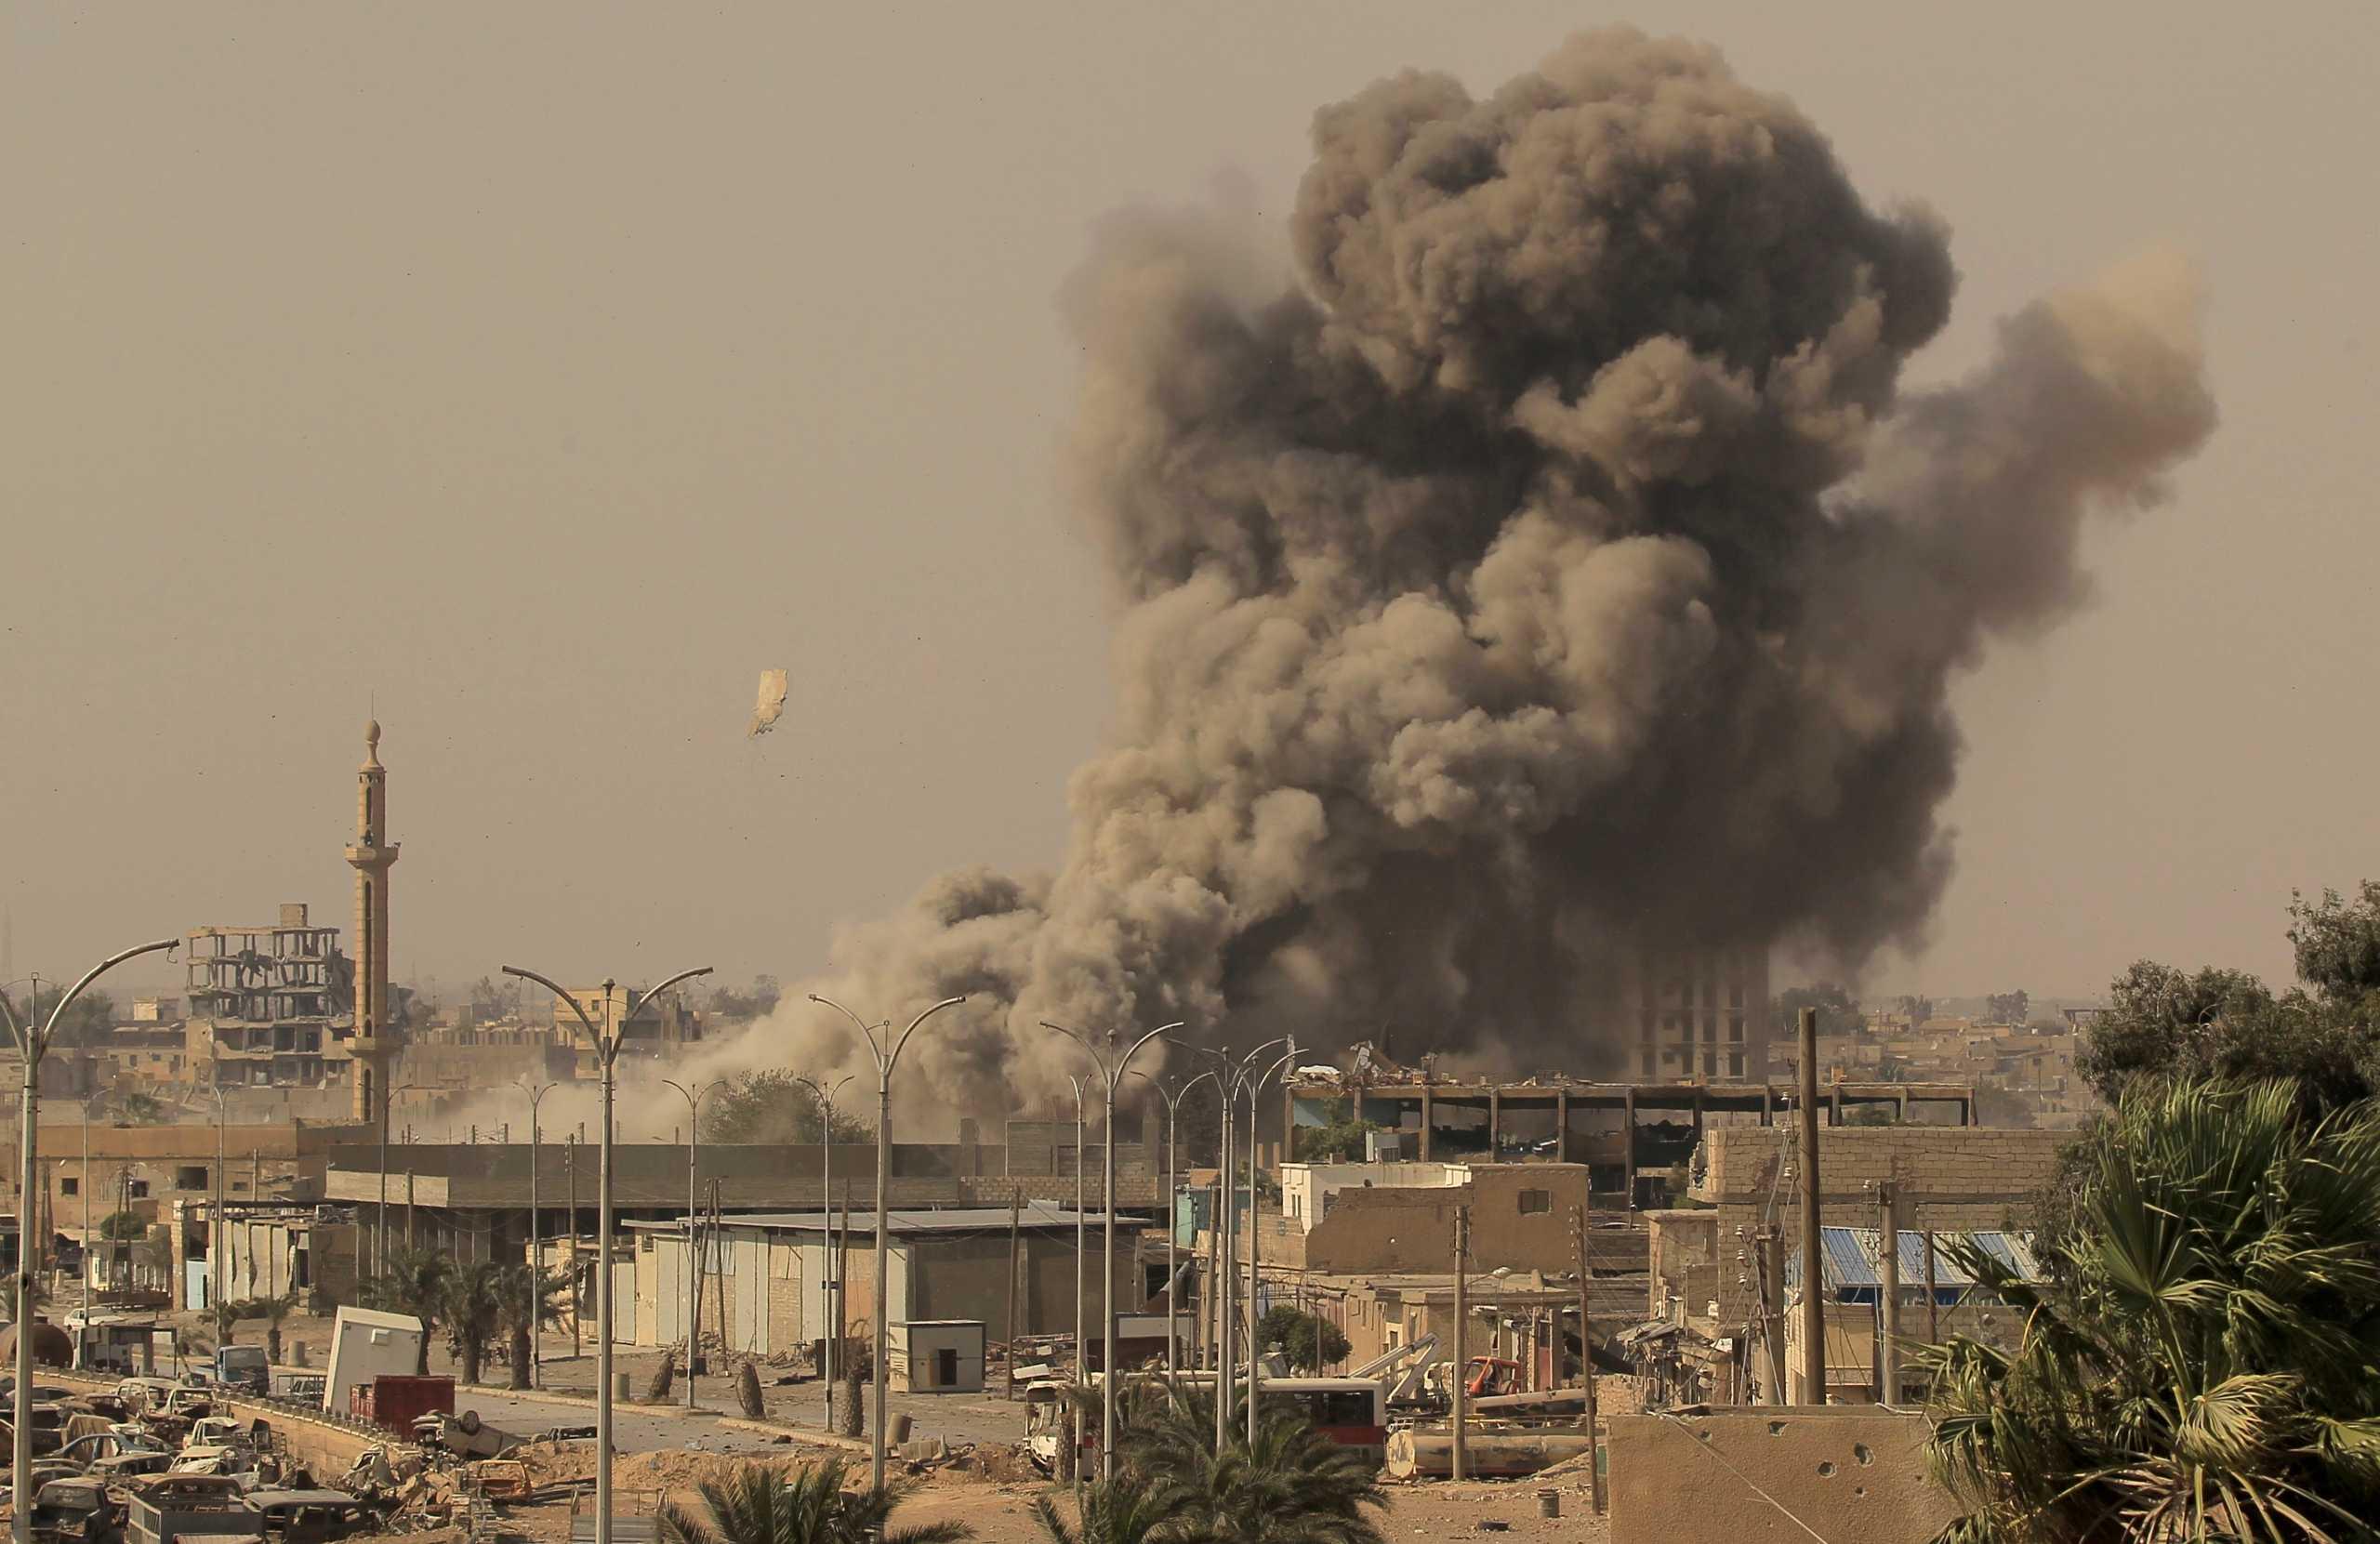 Συρία: 500.000 νεκροί από τον πόλεμο μέσα σε μια δεκαετία